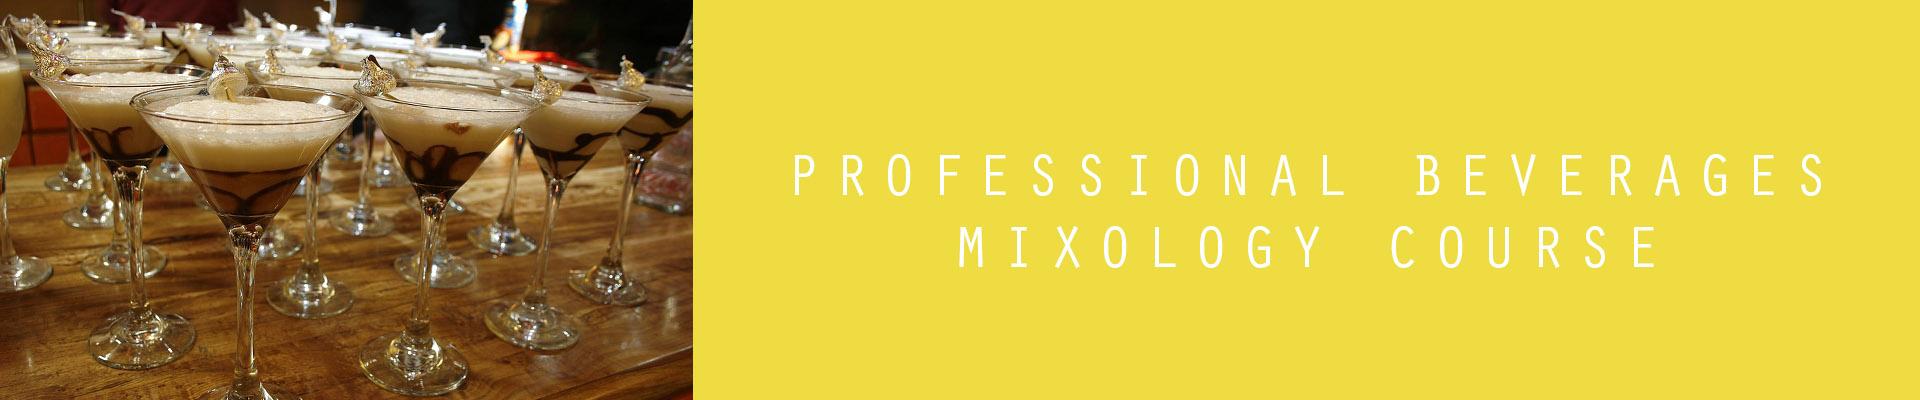 Mixology Training Course